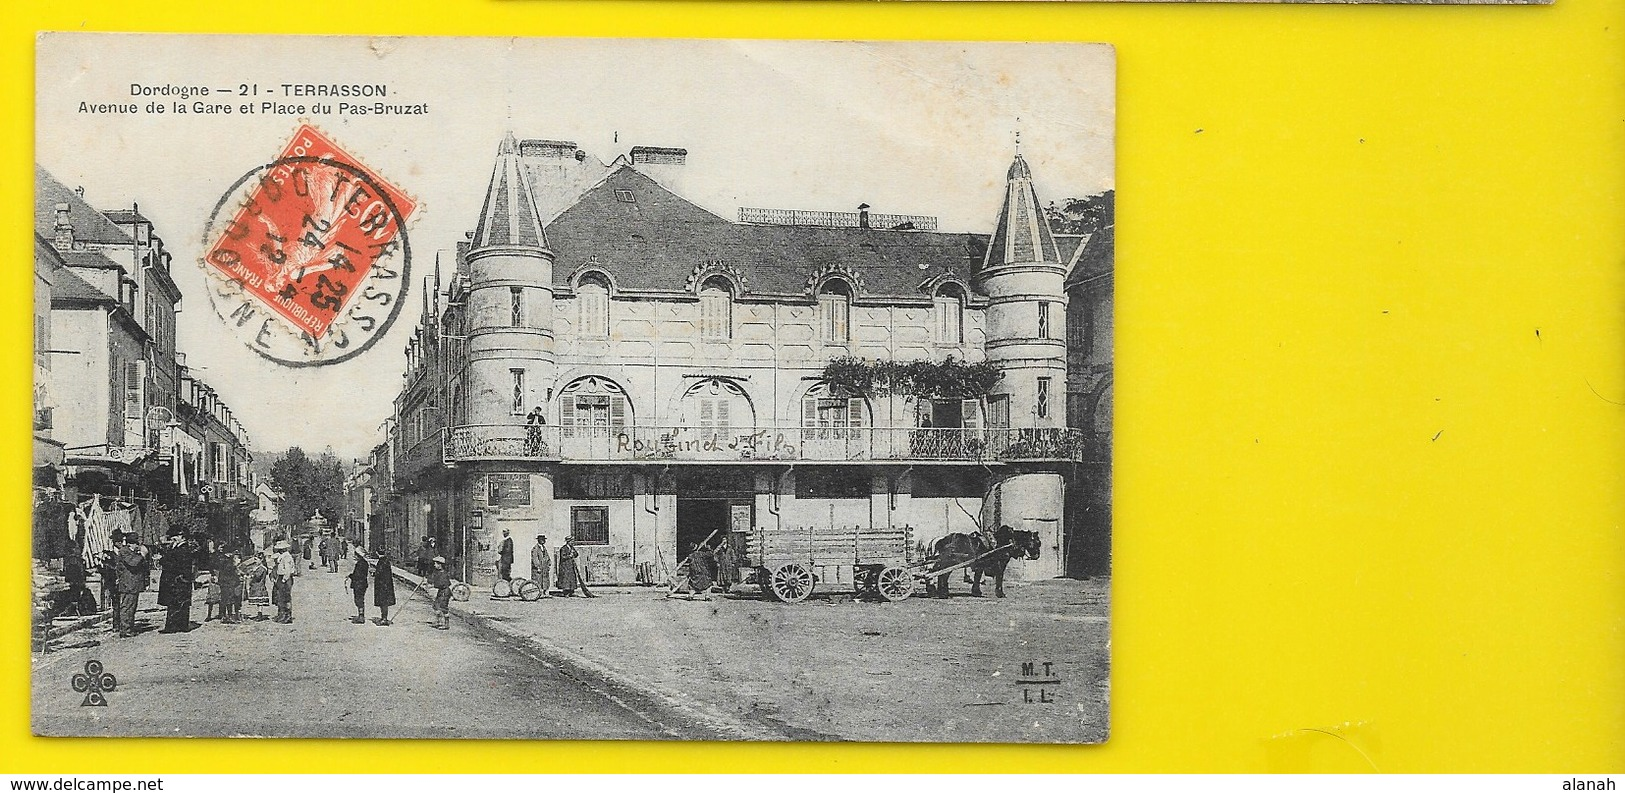 TERRASSON Avenue De La Gare Et Place Du Pas-Bruzat (MTIL) Dordogne (24) - France